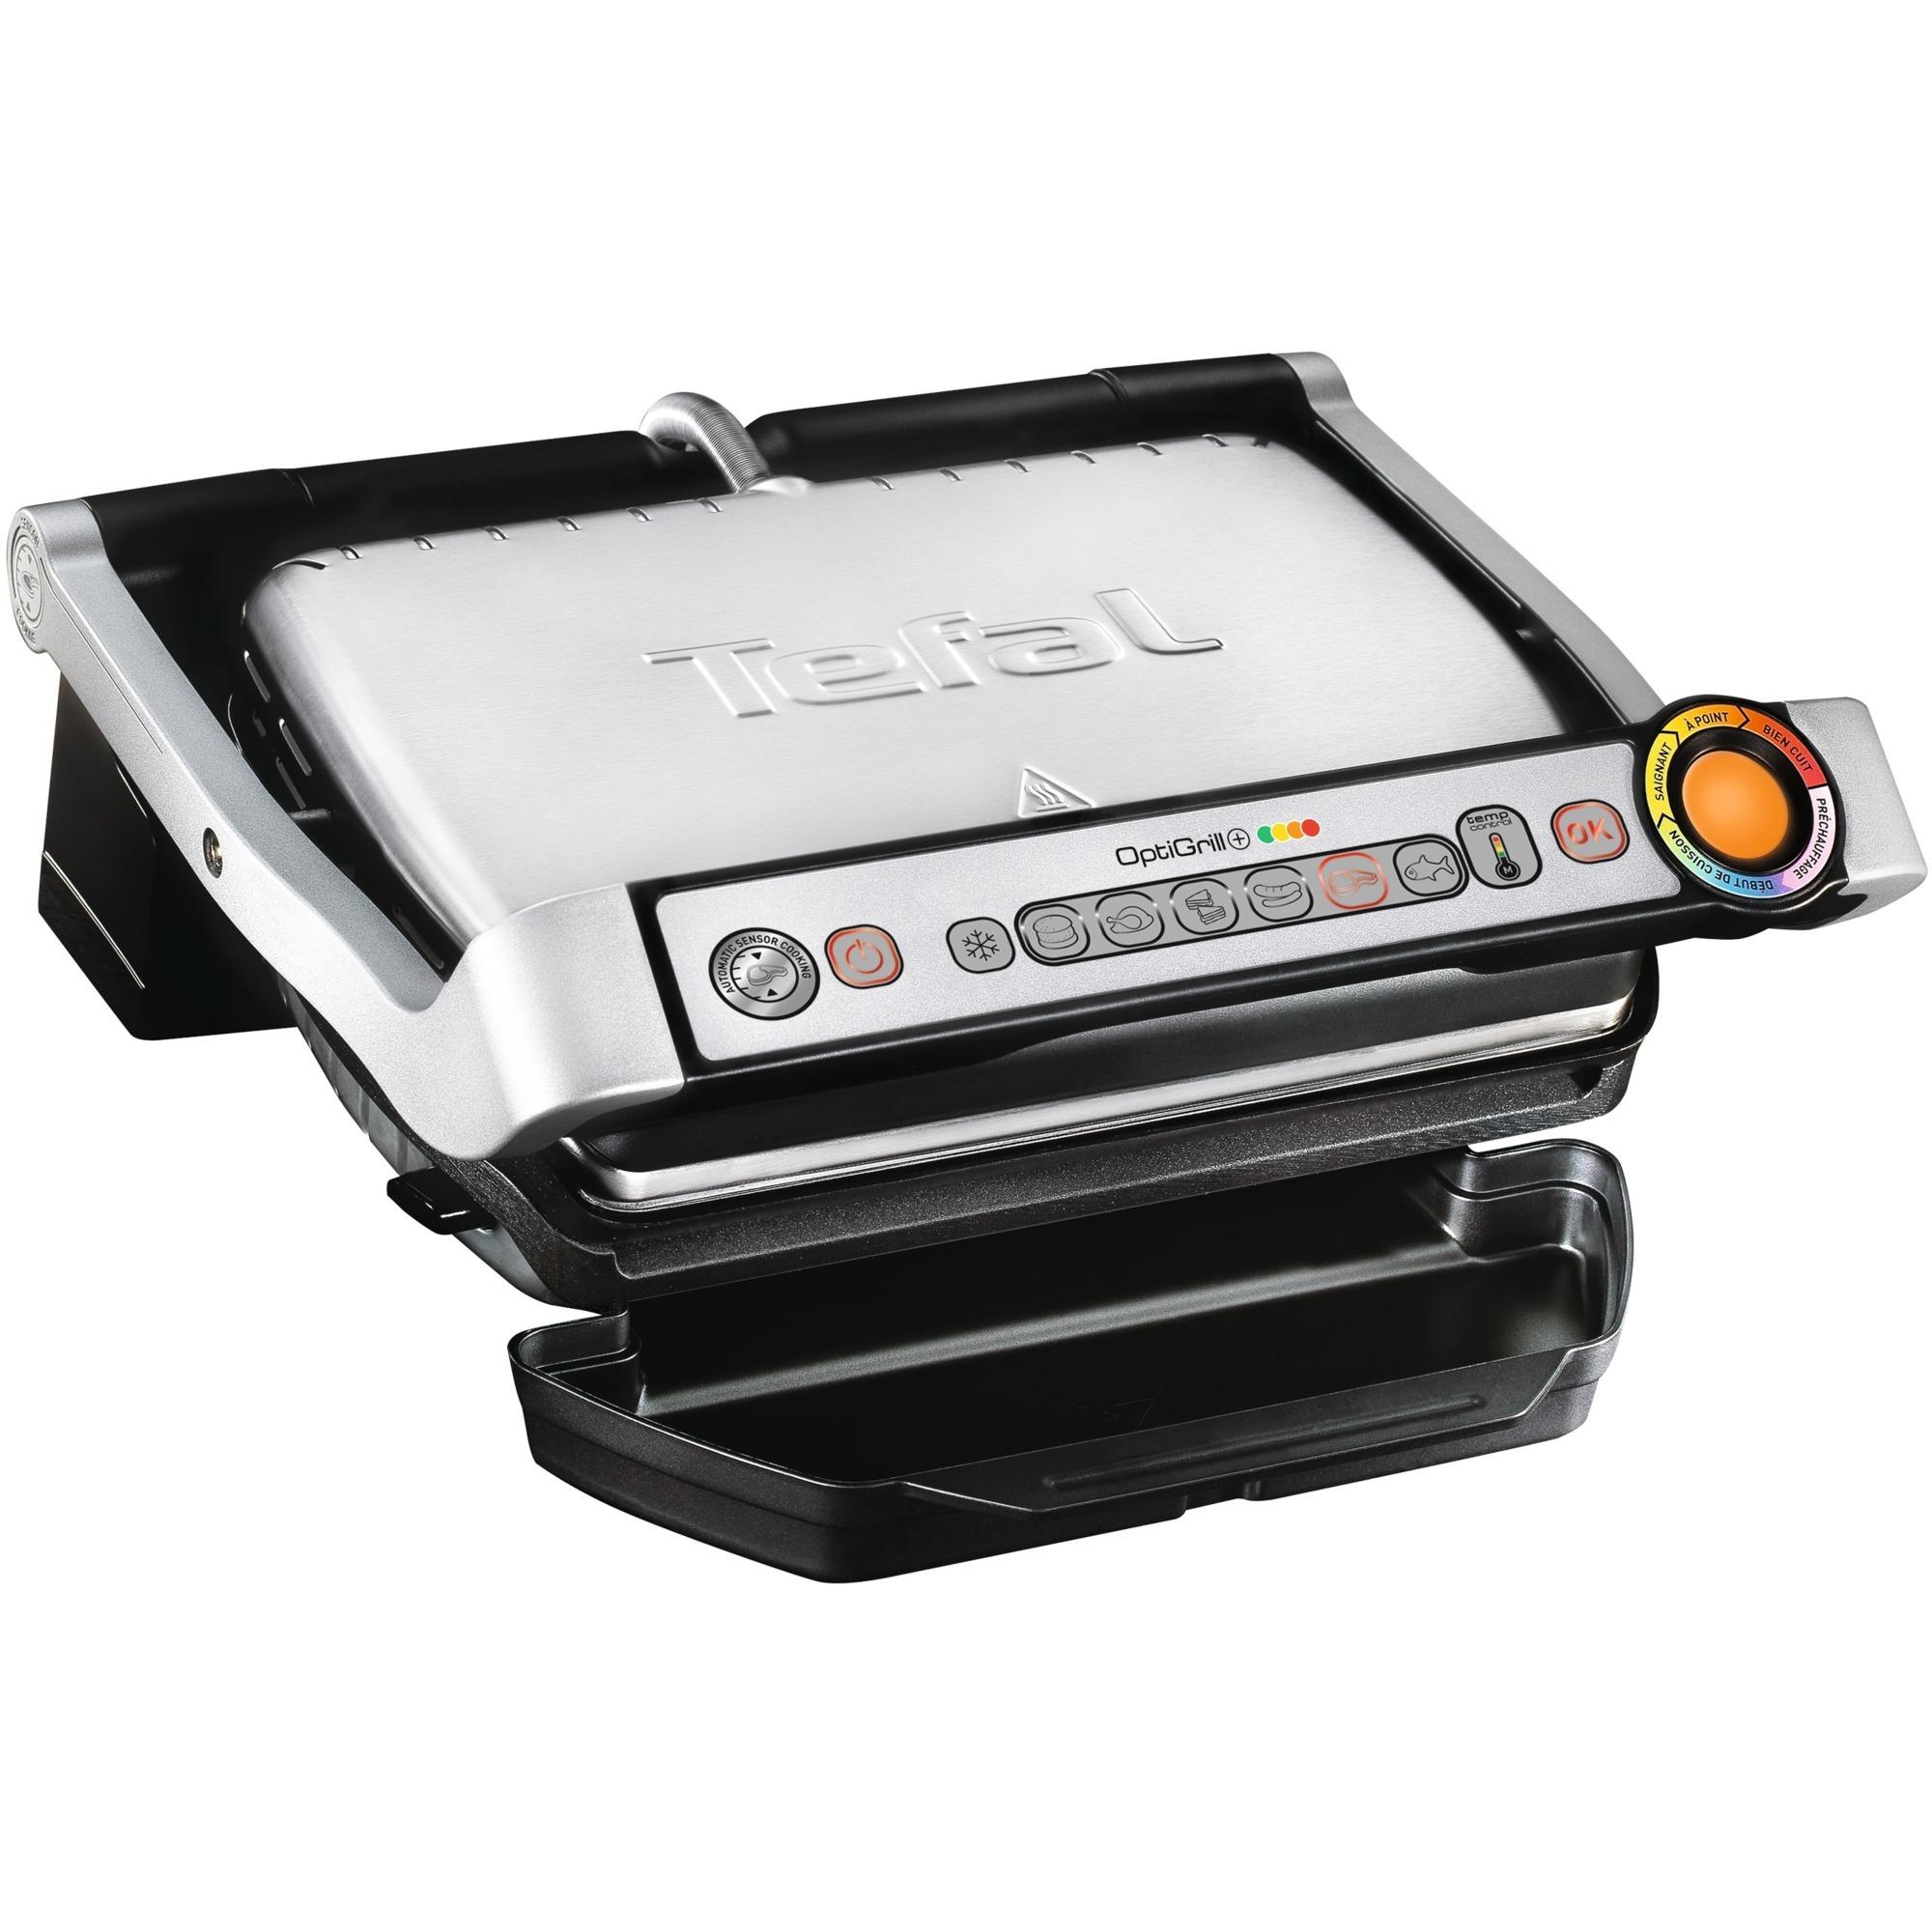 optigrill-gc712d-grill-bordplade-elektrisk-2000w-titanium-kontaktgrill